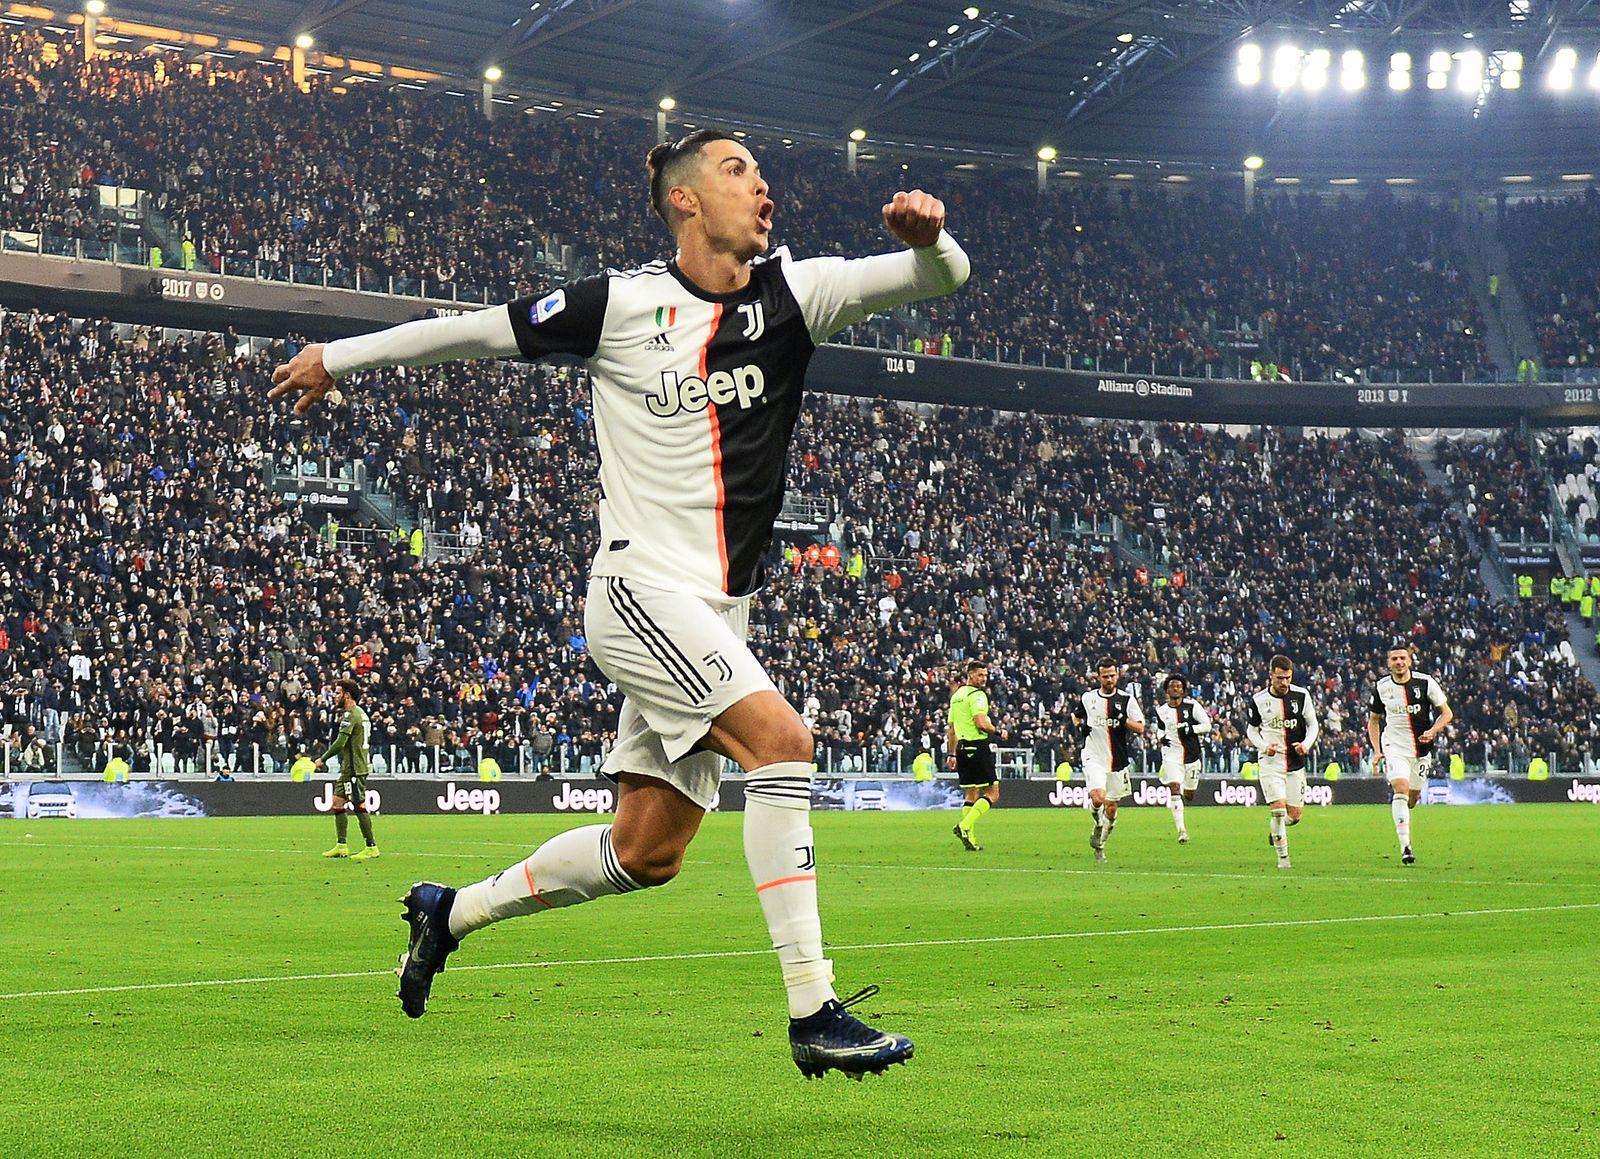 Serie A - Juventus v Cagliari